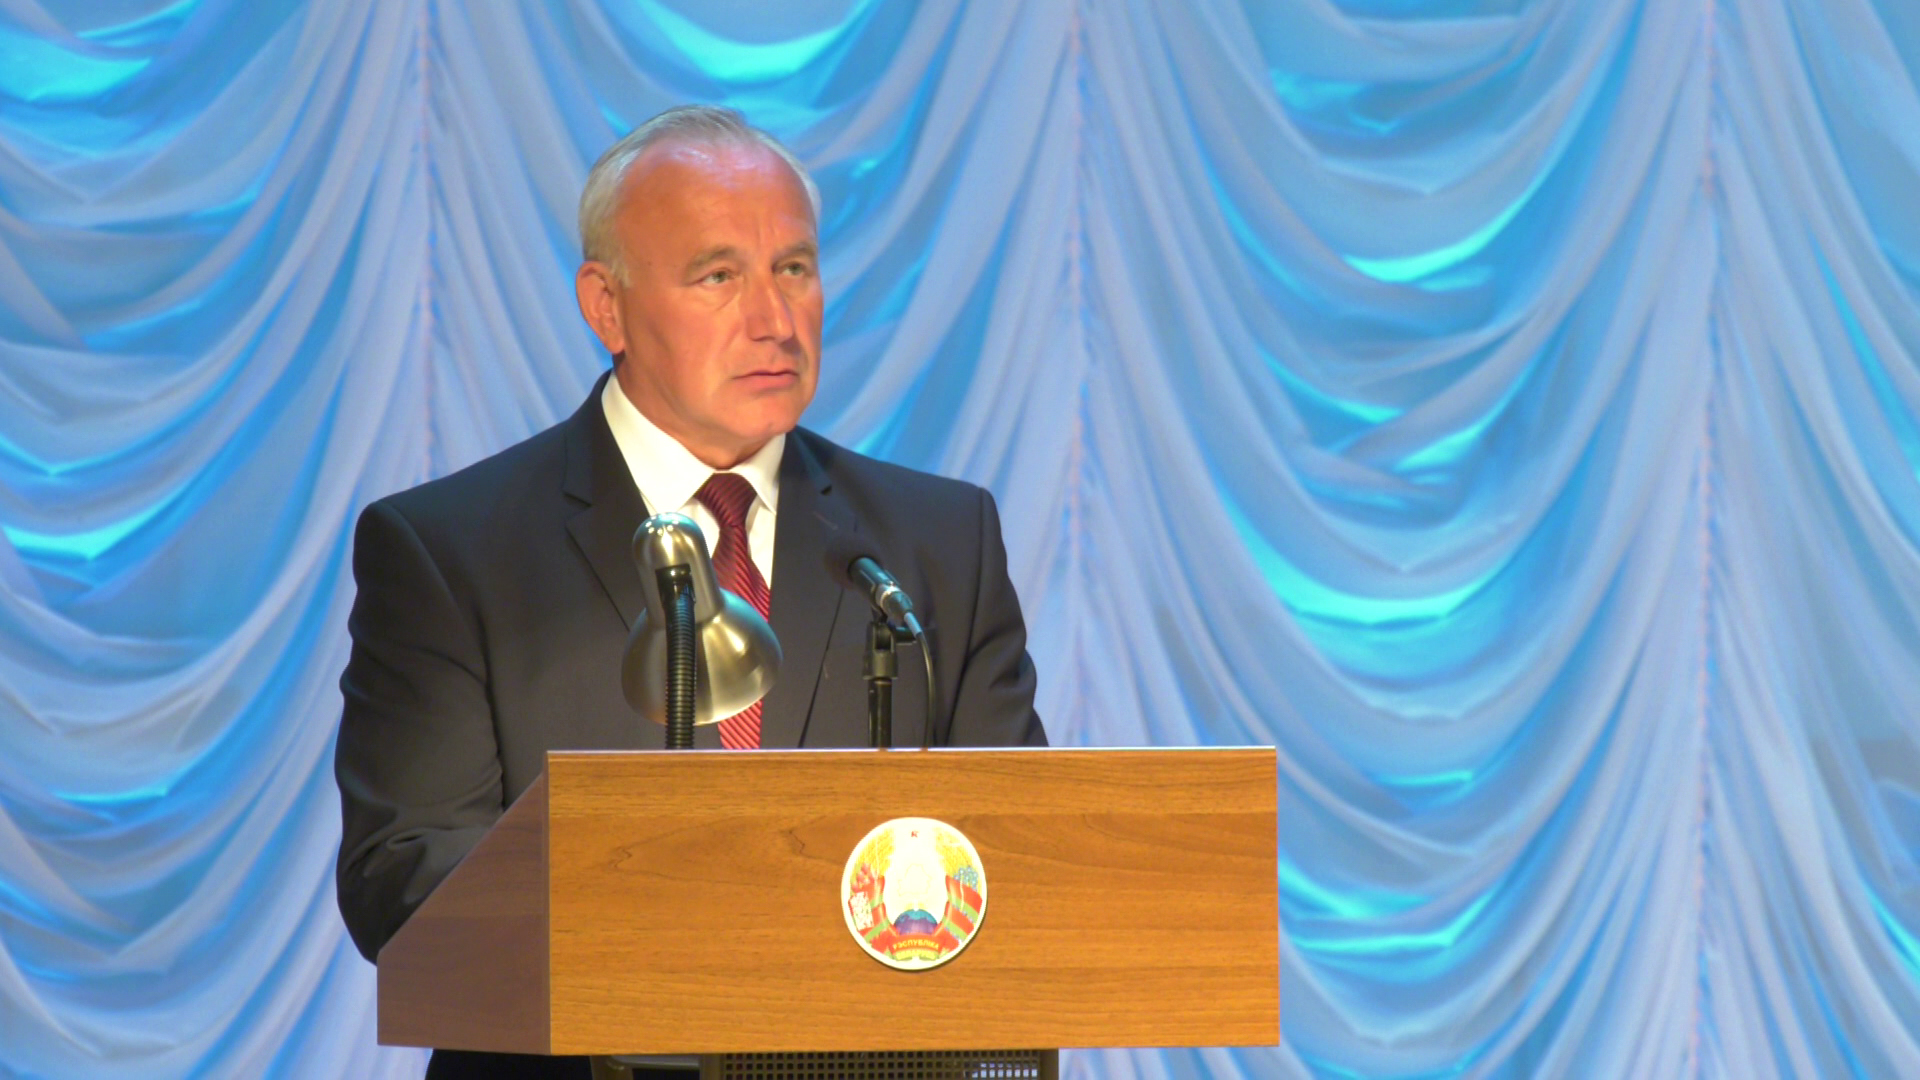 gubernator mediki - В Витебске наградили медиков за работу во время пандемии (видео)